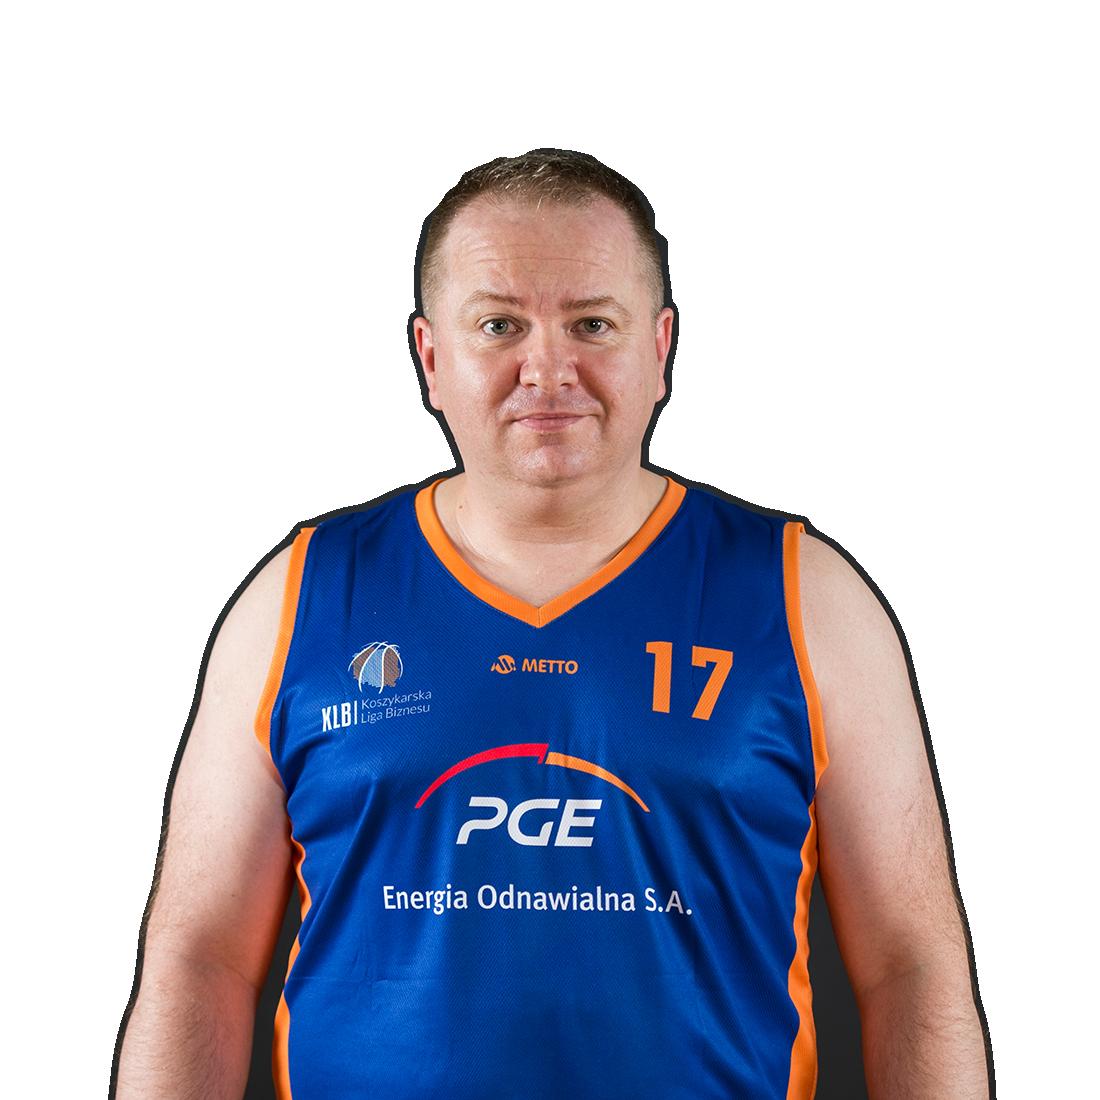 Adam Chwalisz